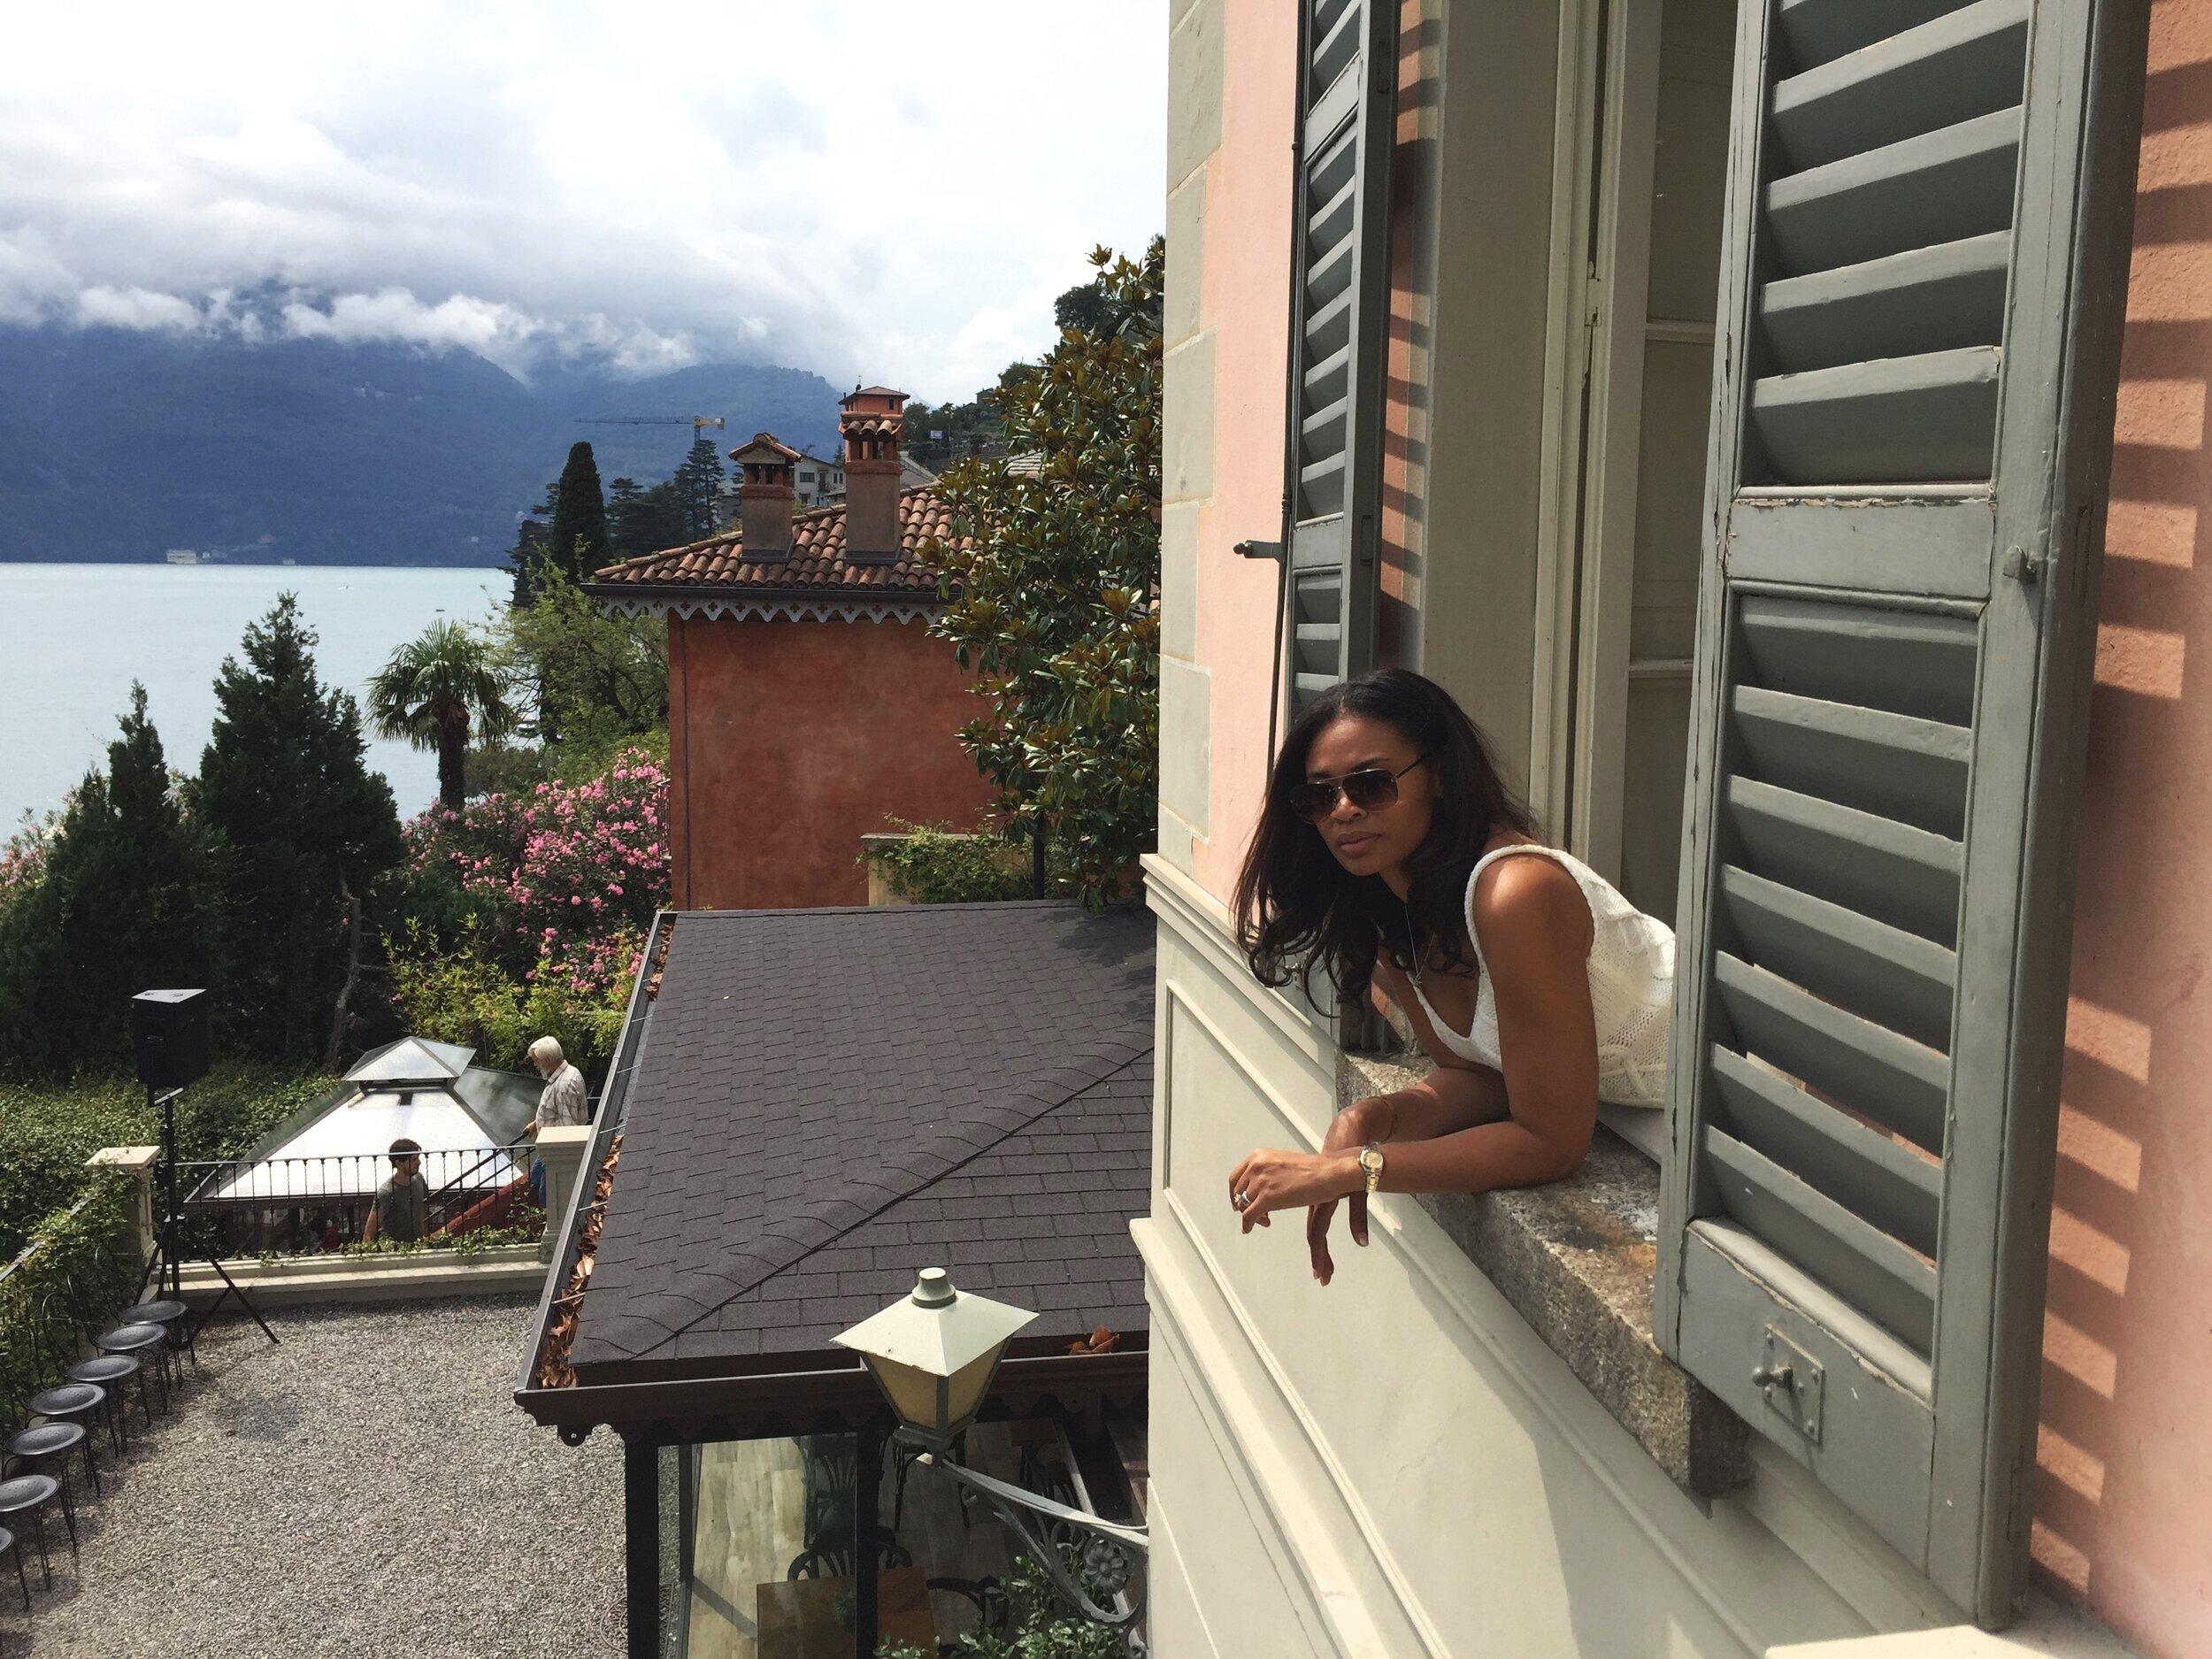 From the bedroom window at Villa Vittoria in Laglio